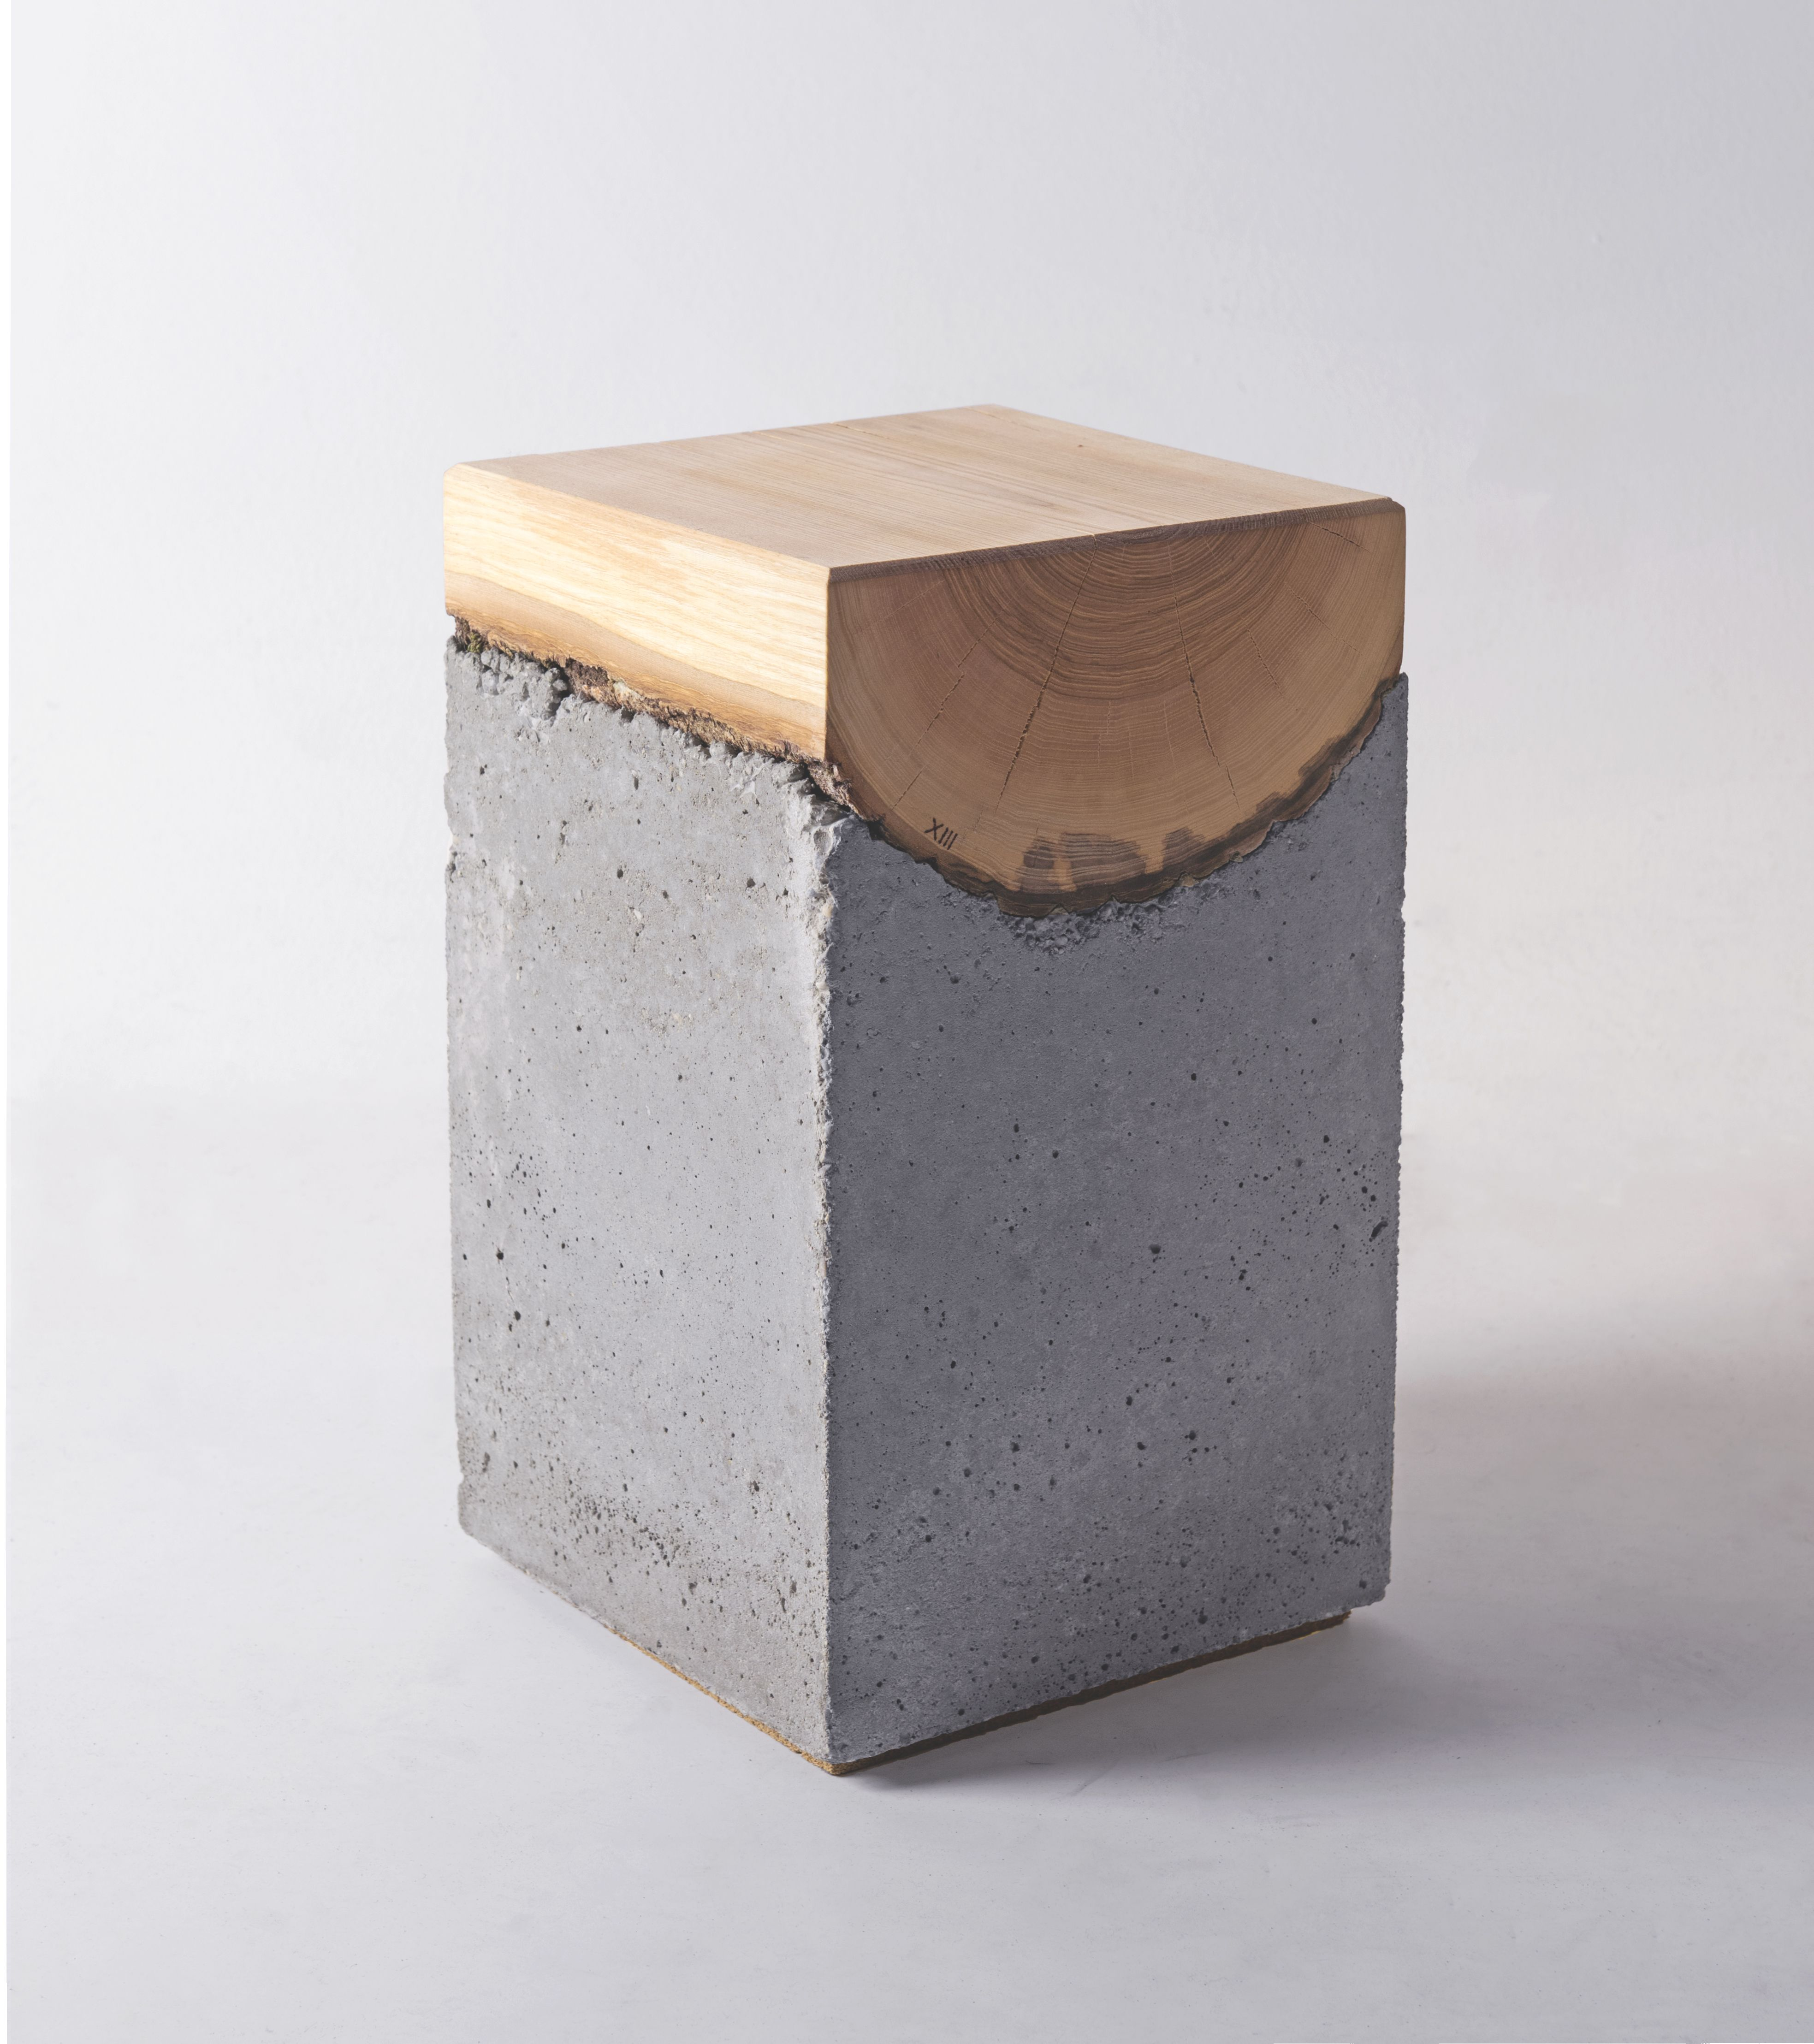 Holz Trifft Beton Der Hocker Von Kon Kret Hocker Holz Holz Hocker